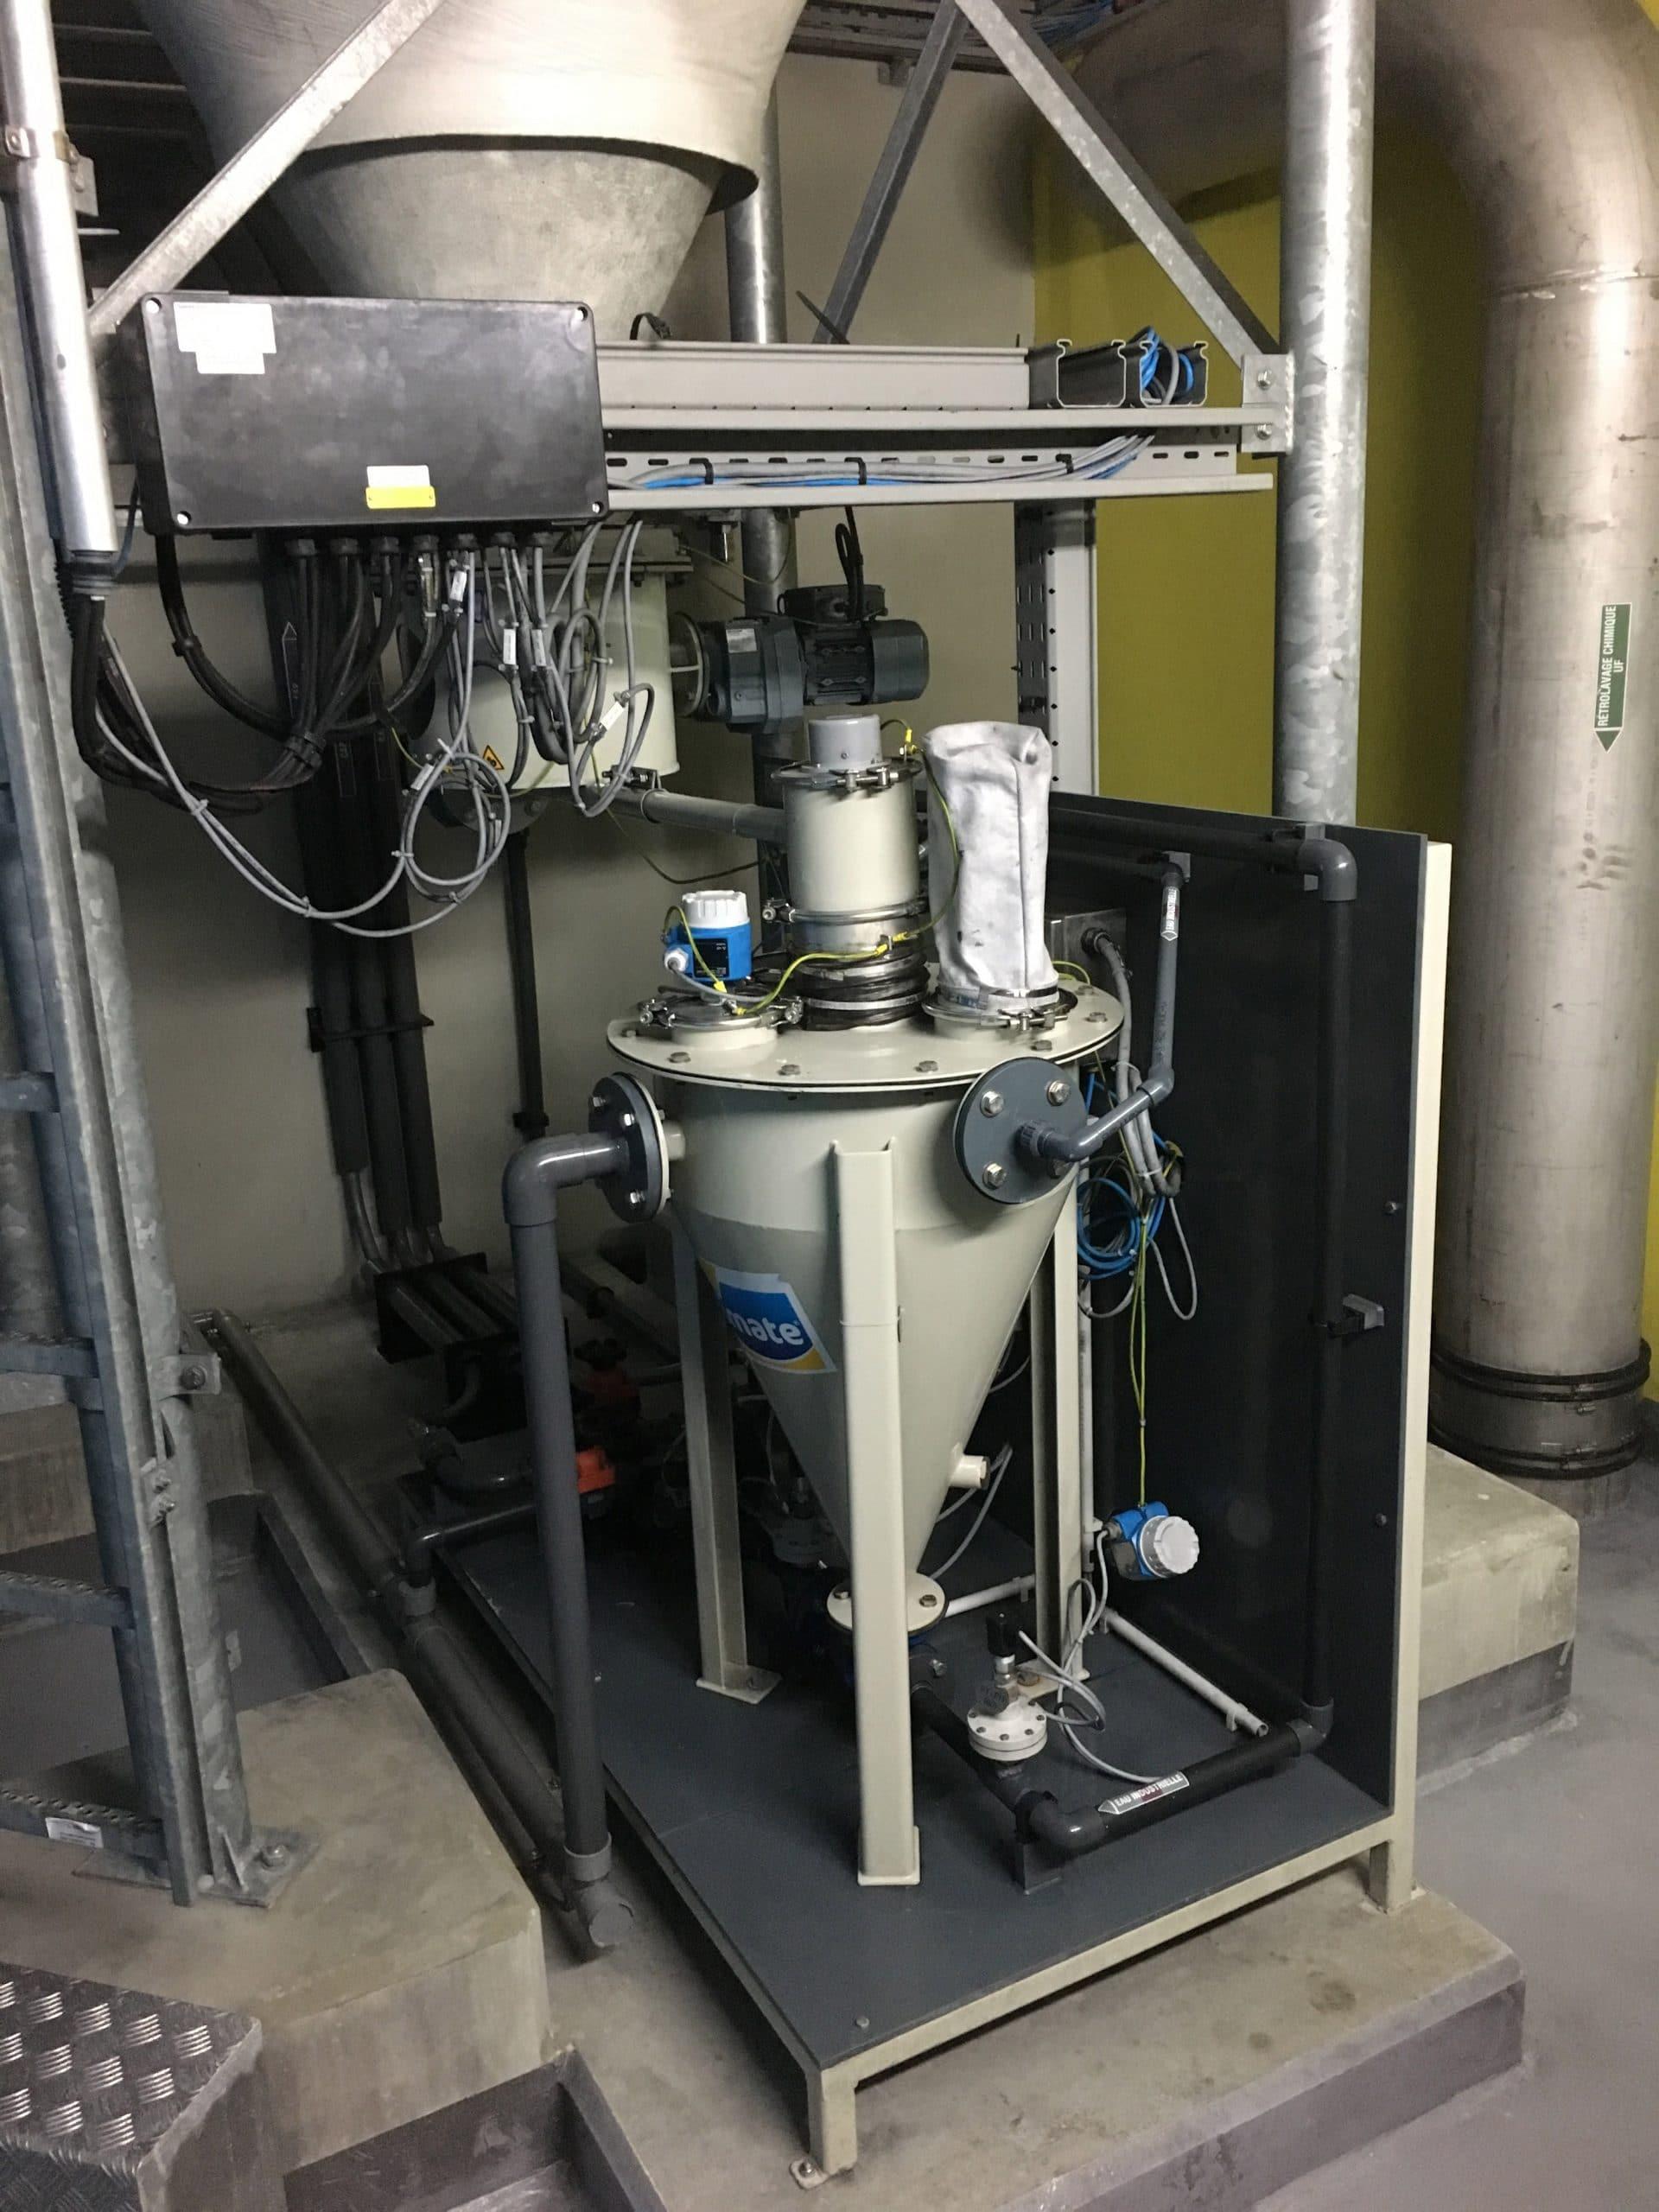 Skid hydro-éjécteur sous silo